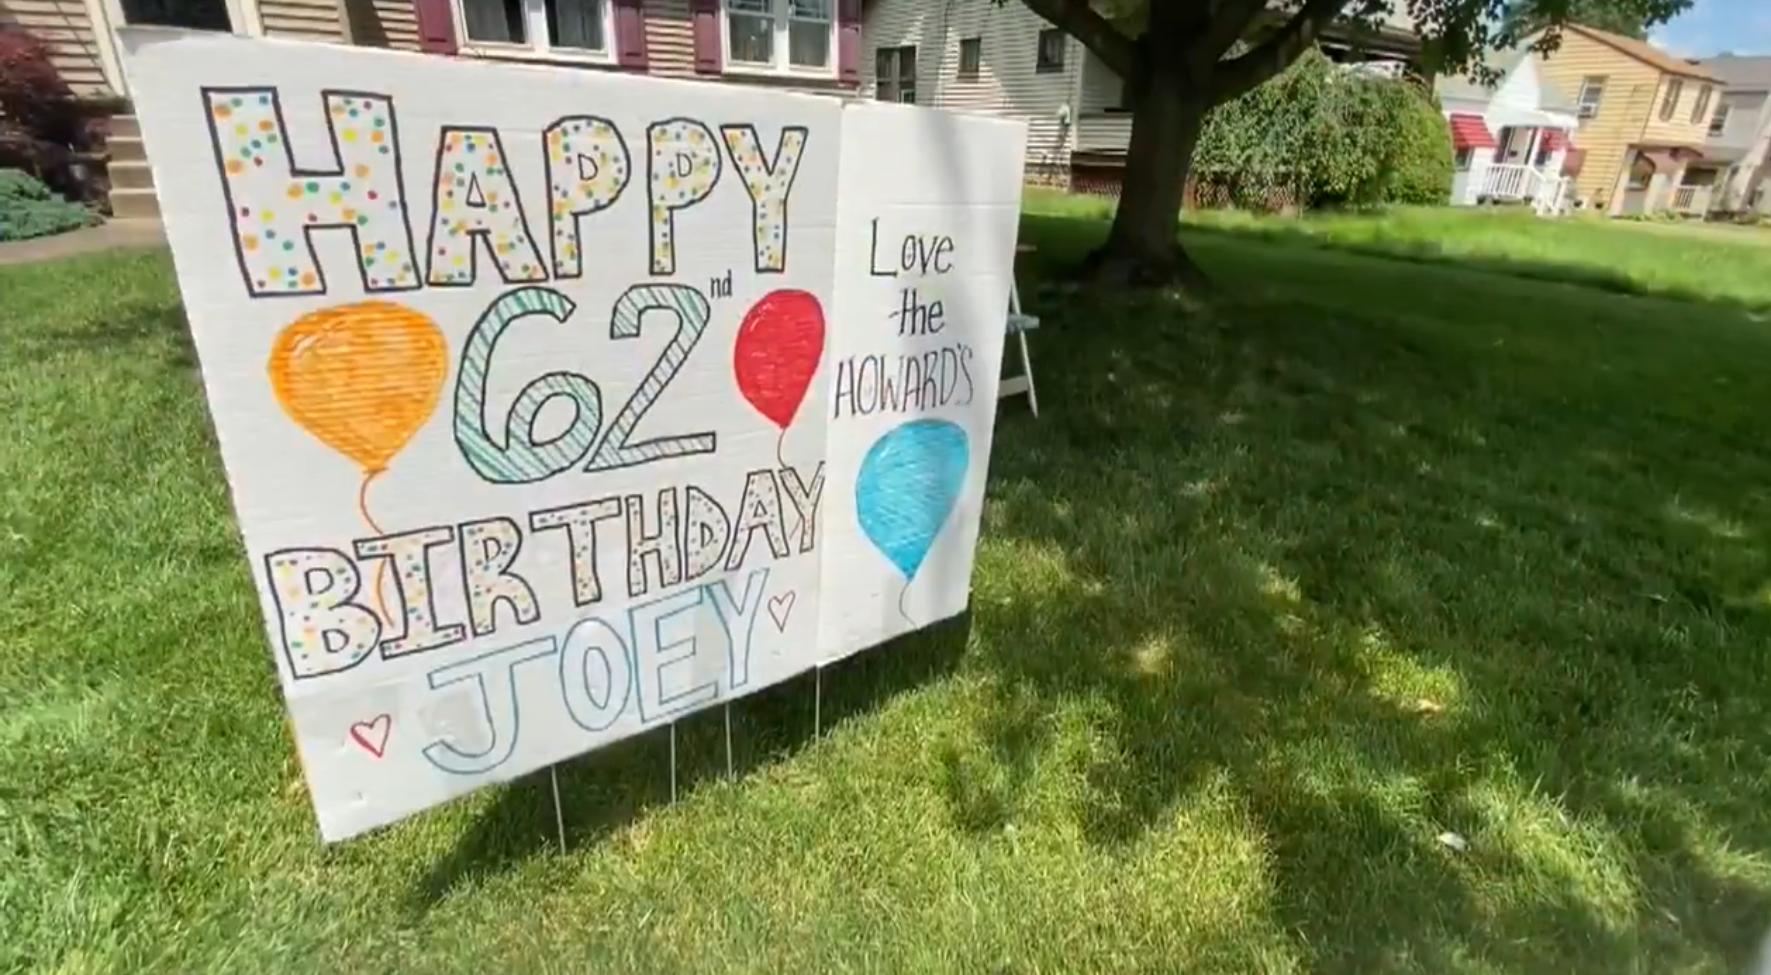 2021 05 12 12 - Mãe celebra 62º aniversário com filho que os médicos disseram que não viveria além dos 11 anos